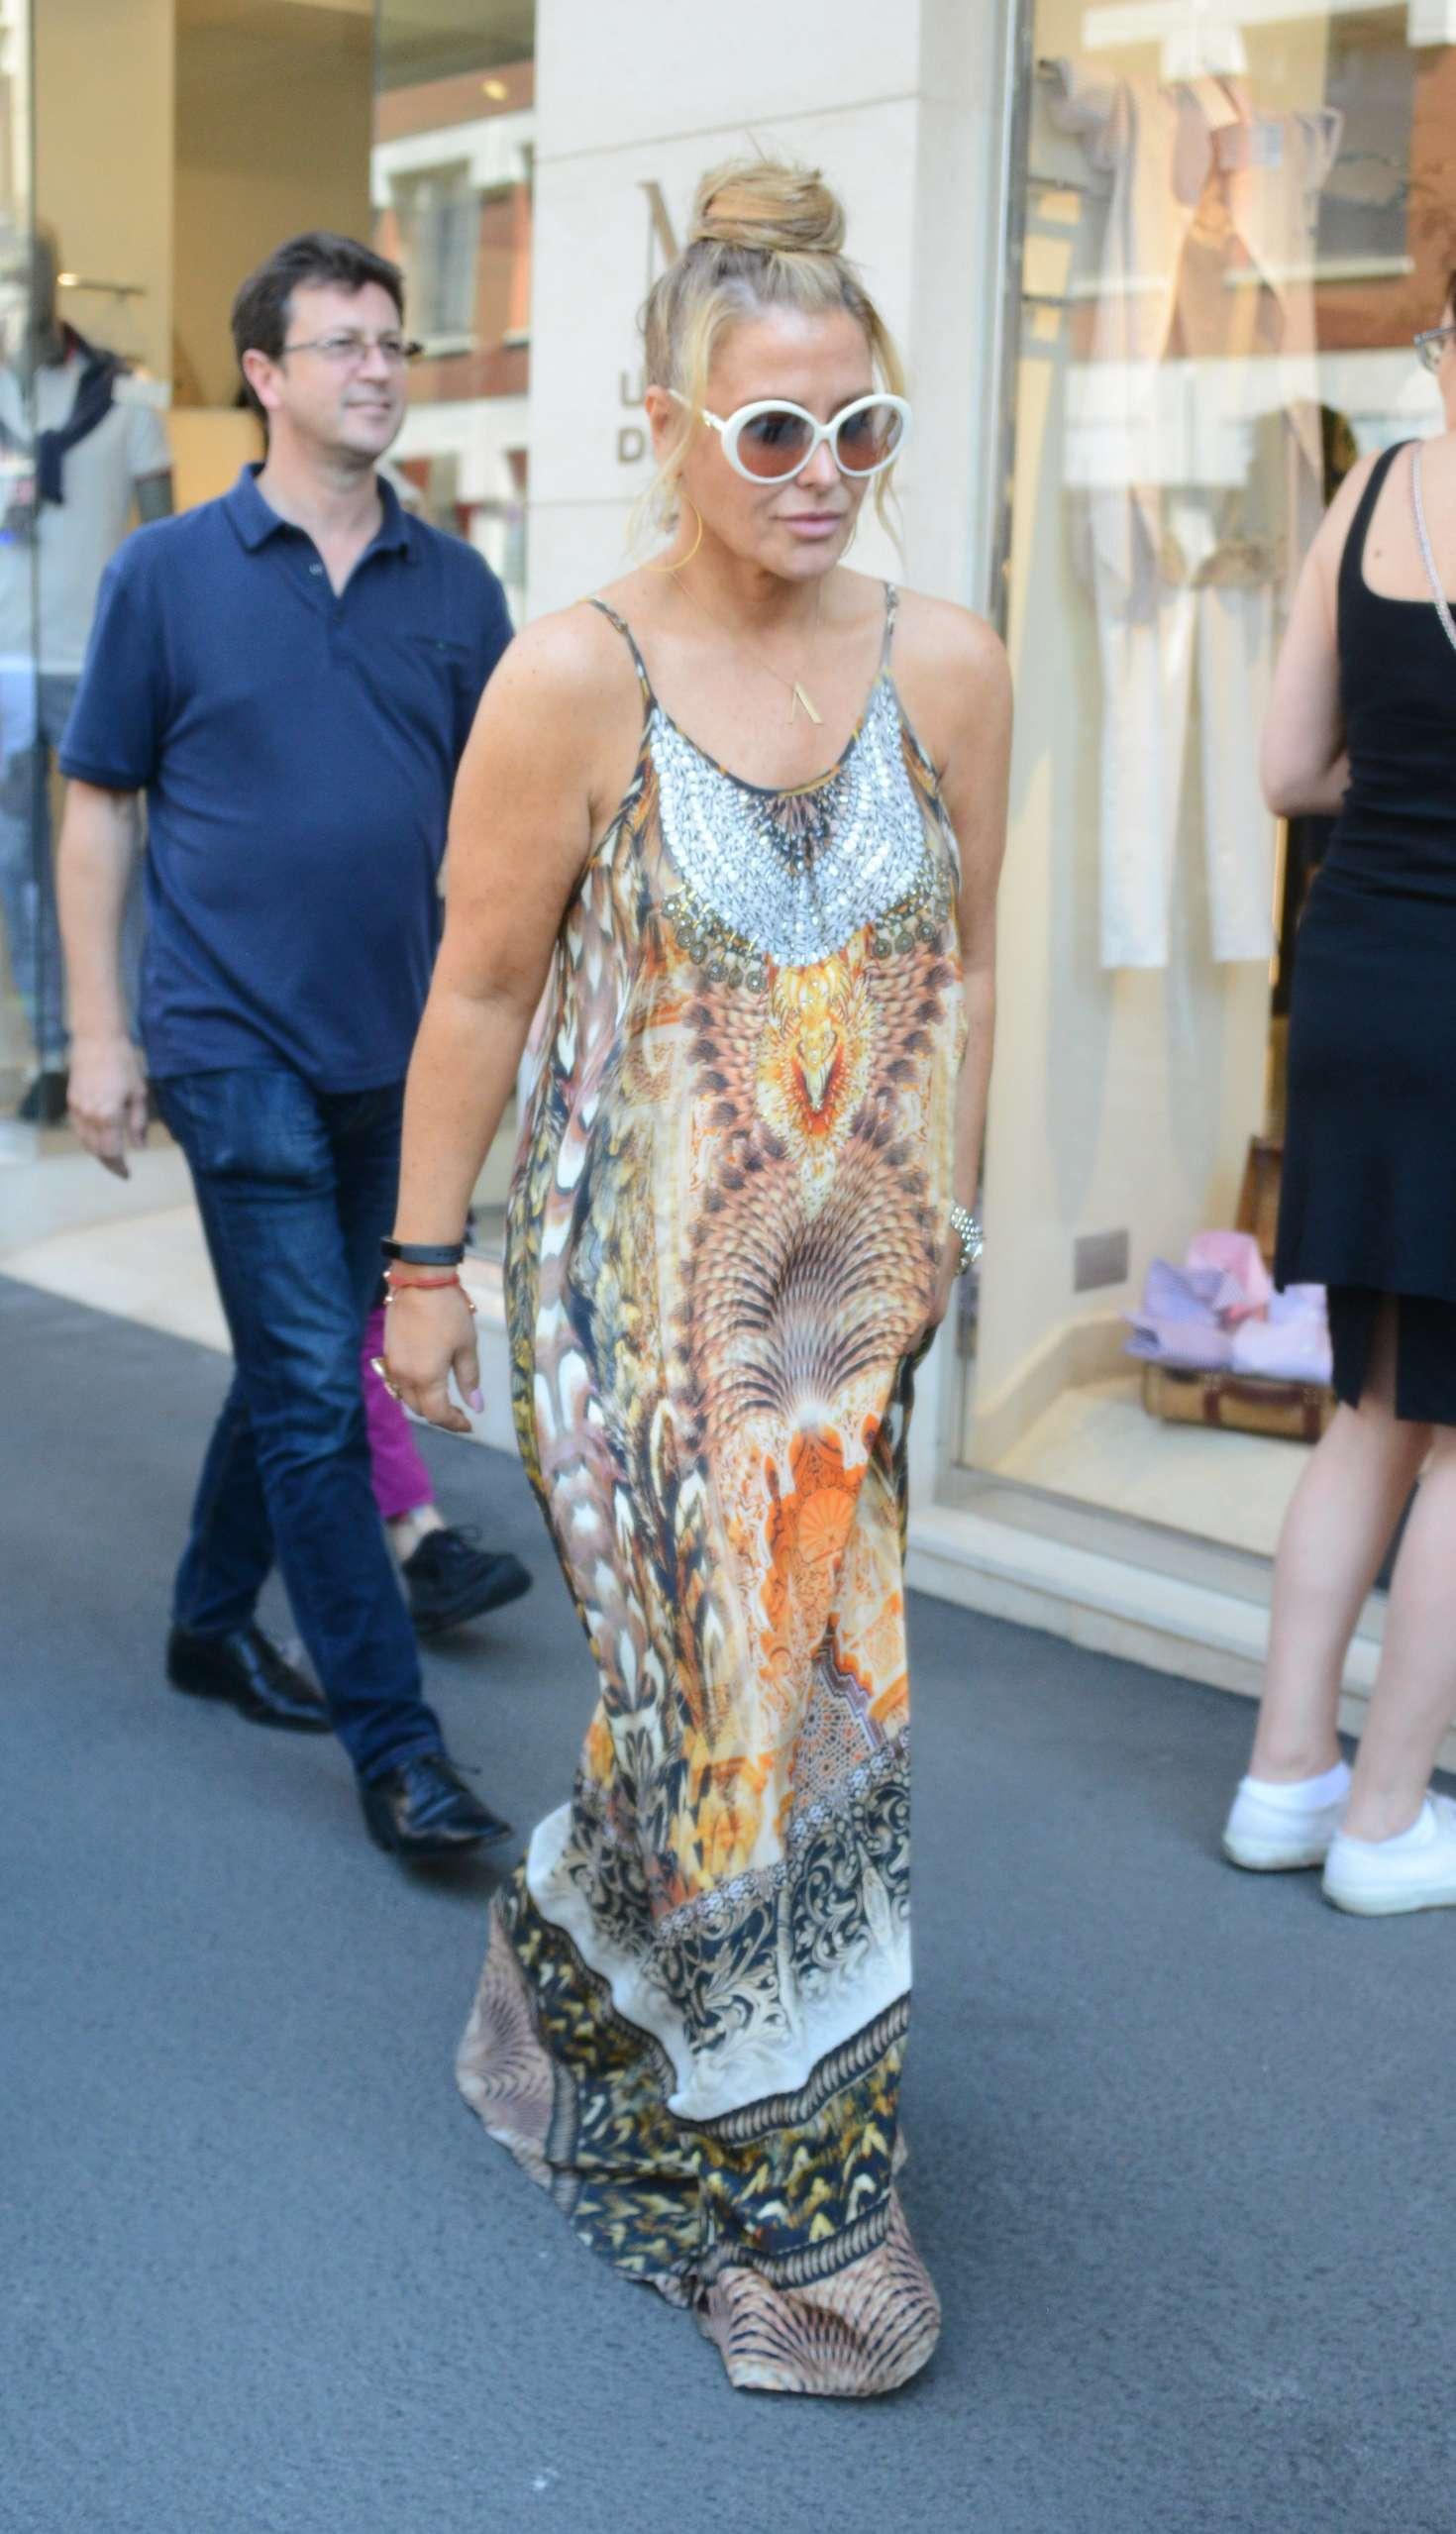 Anastacia in Long Dress Shopping in Milan